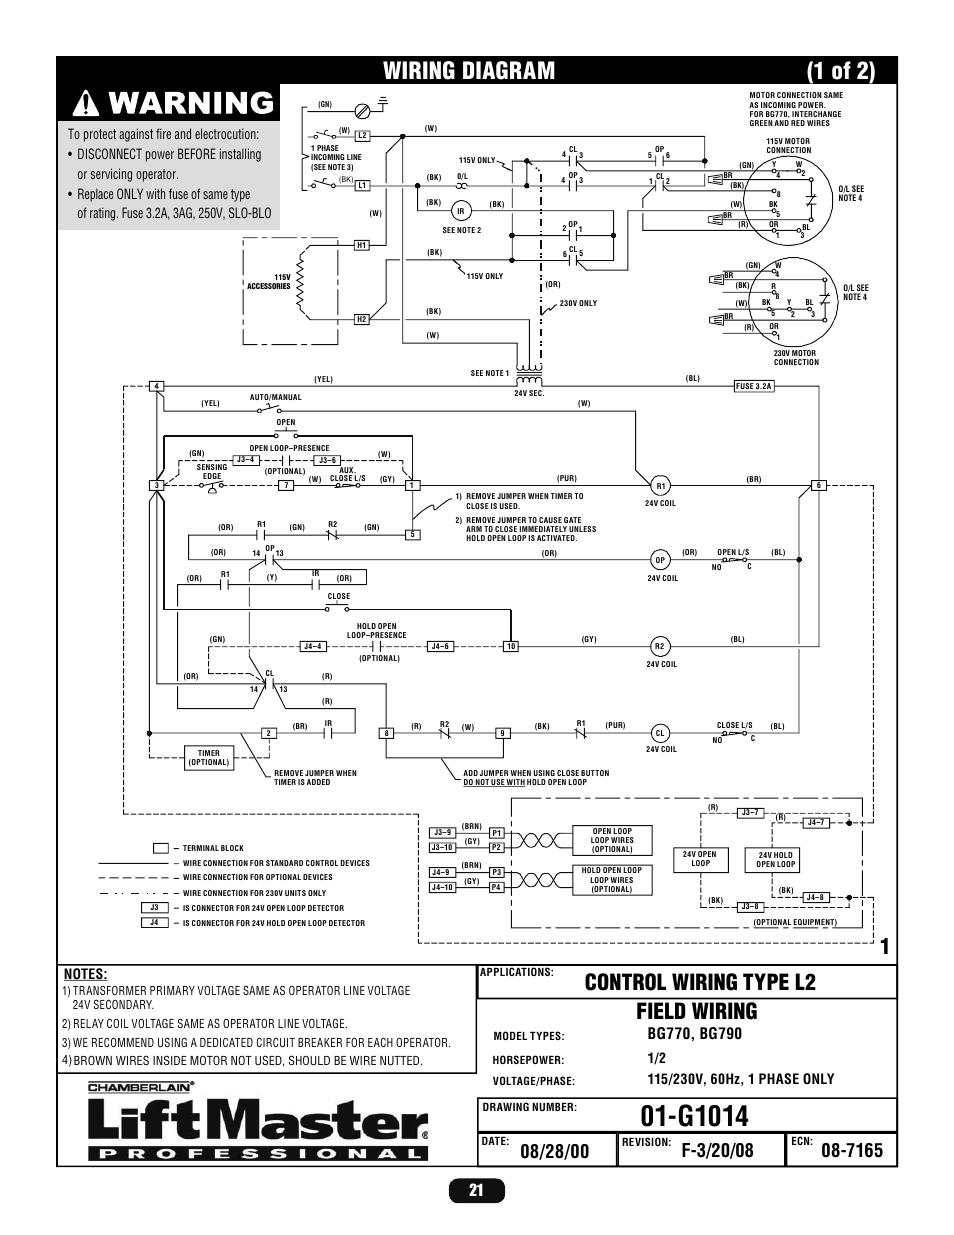 hight resolution of lift master controls wiring diagram wiring diagram schematics rh ksefanzone com liftmaster professional wiring diagram liftmaster